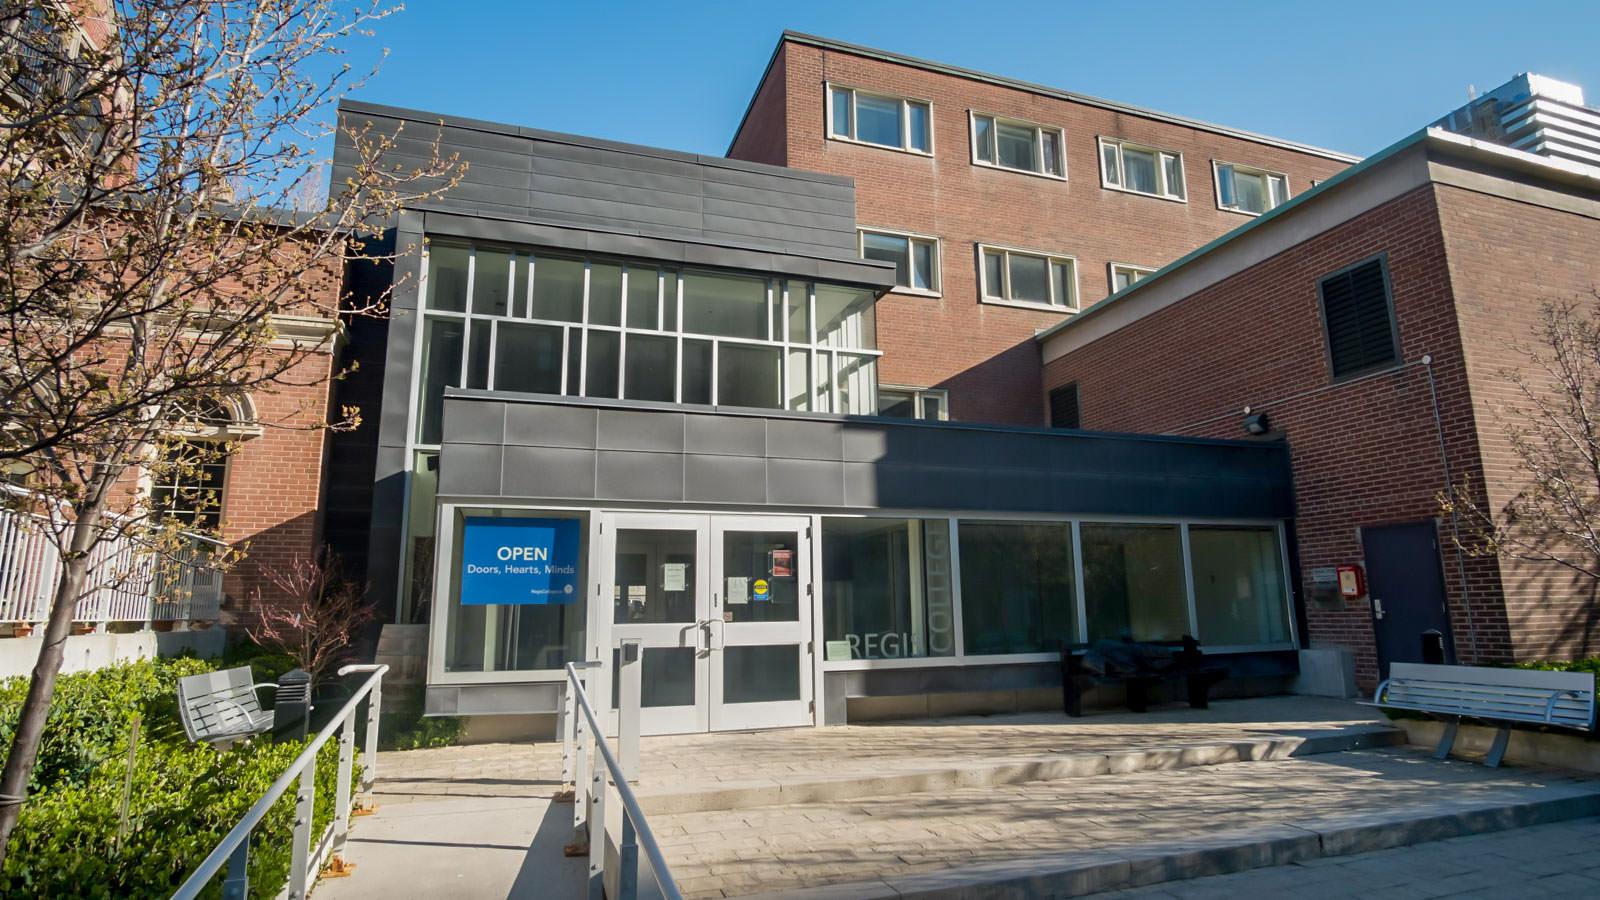 Regis College Home